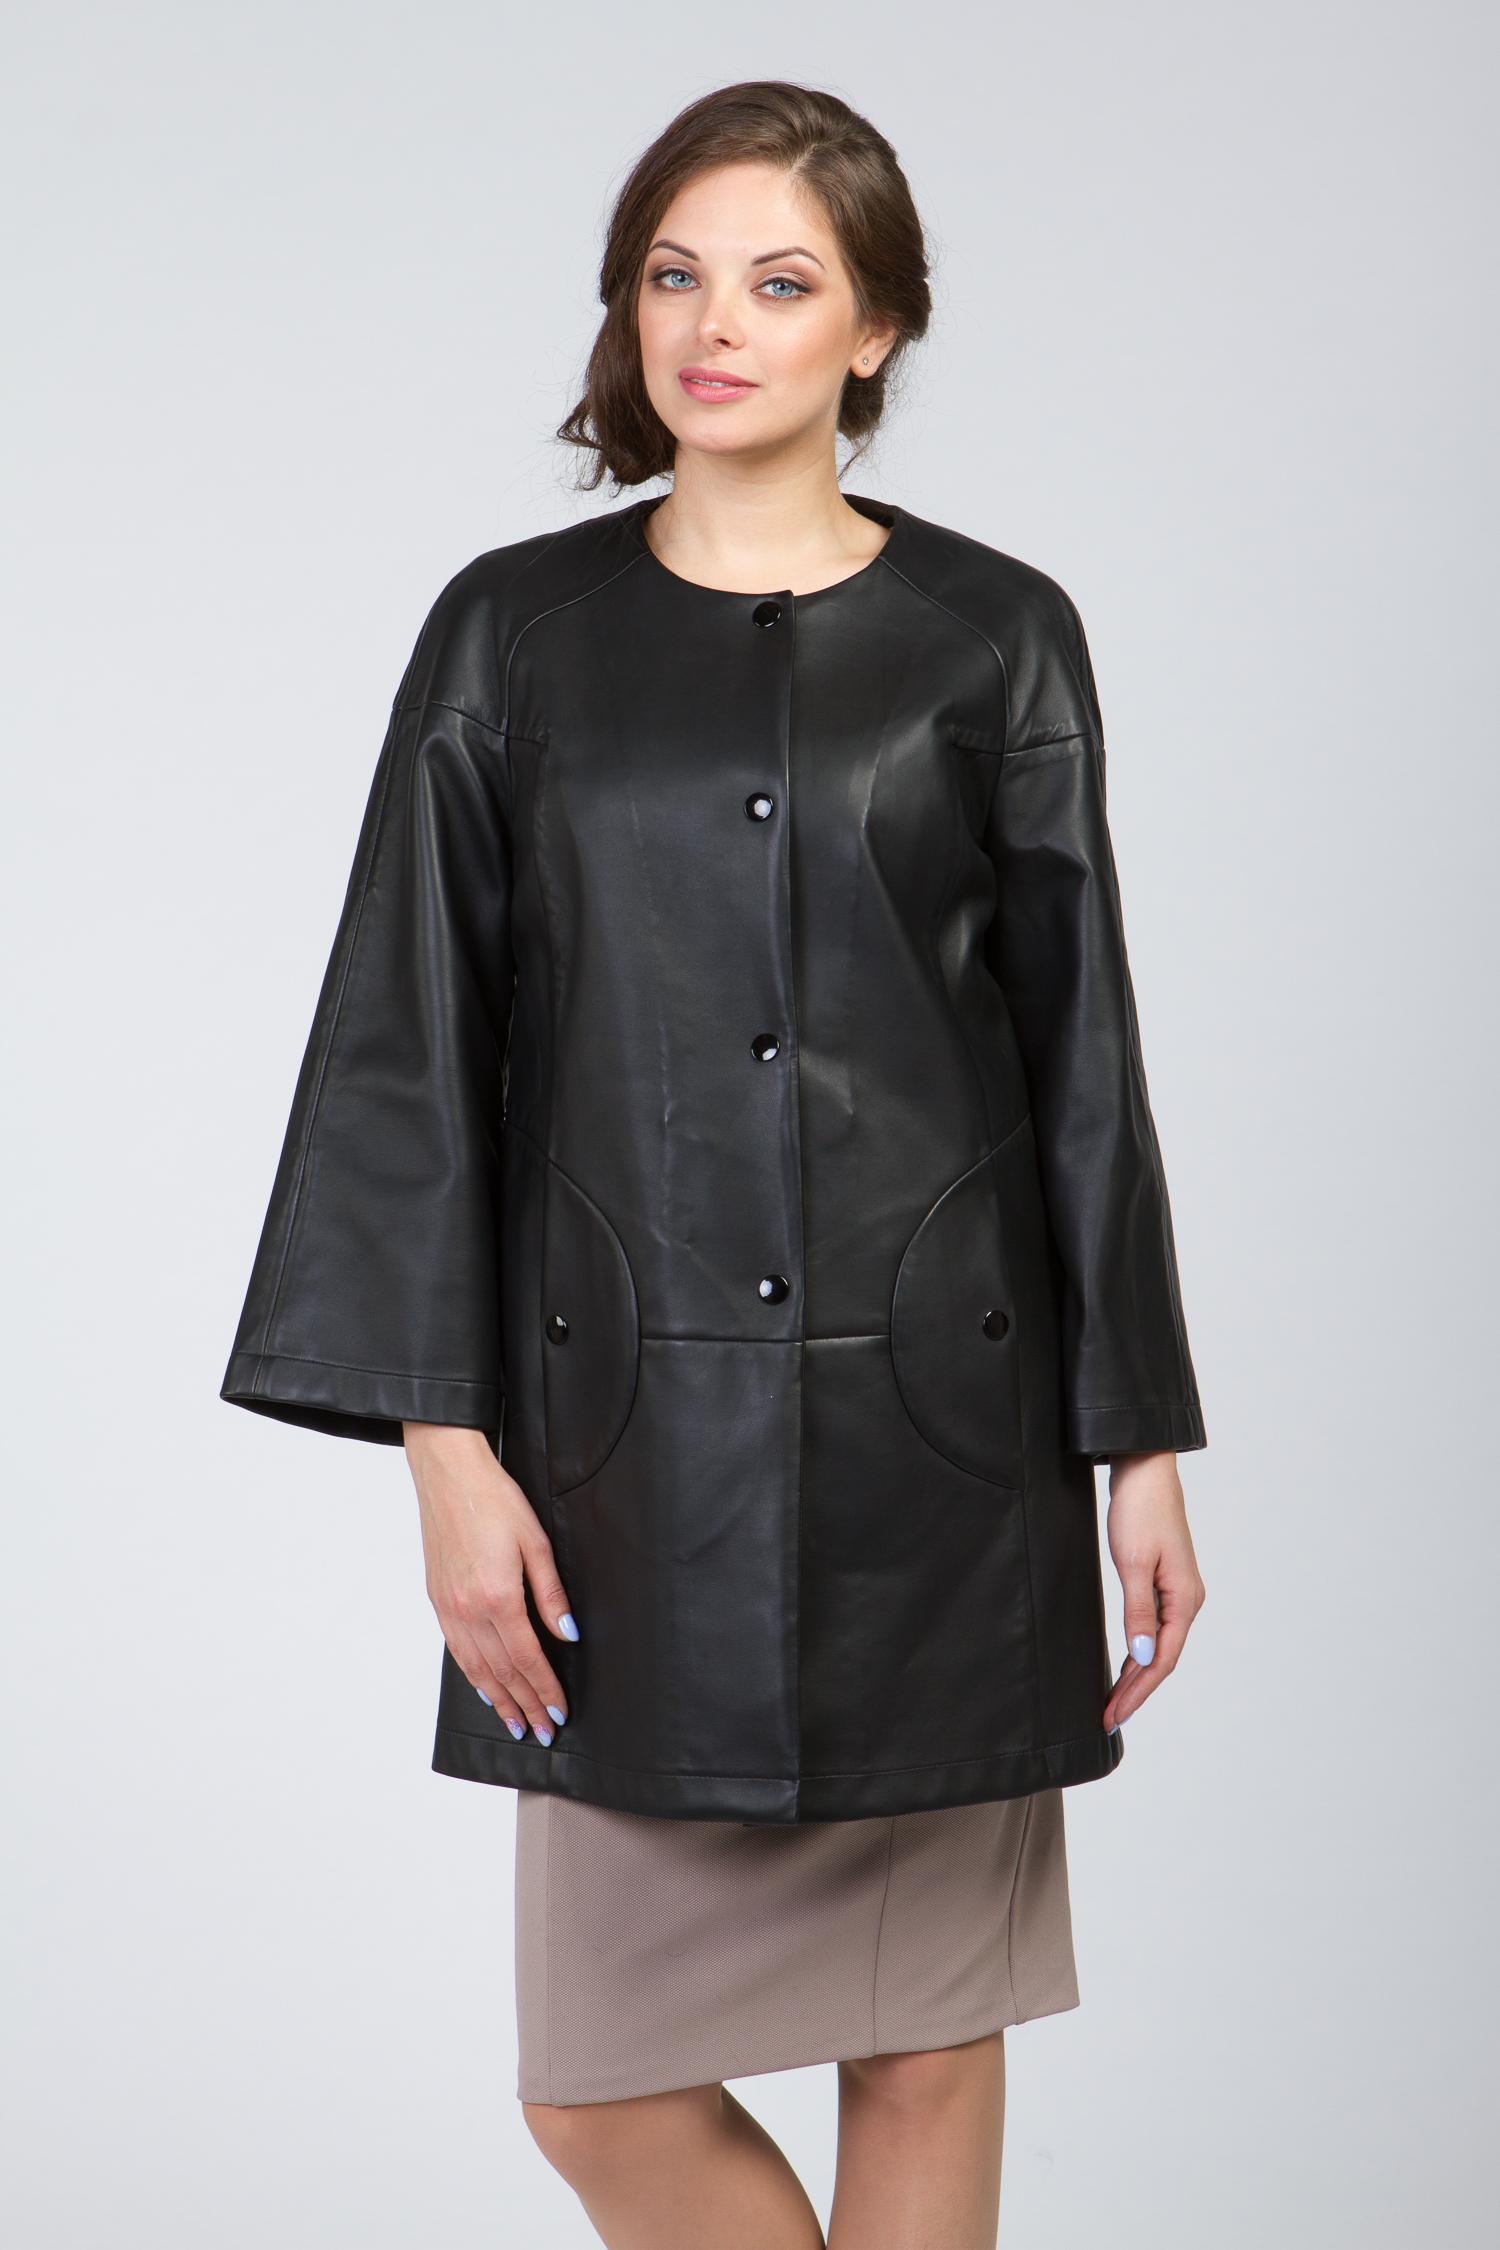 Женское кожаное пальто из натуральной кожи без воротника, без отделки Женское кожаное пальто из натуральной кожи без воротника, без отделки